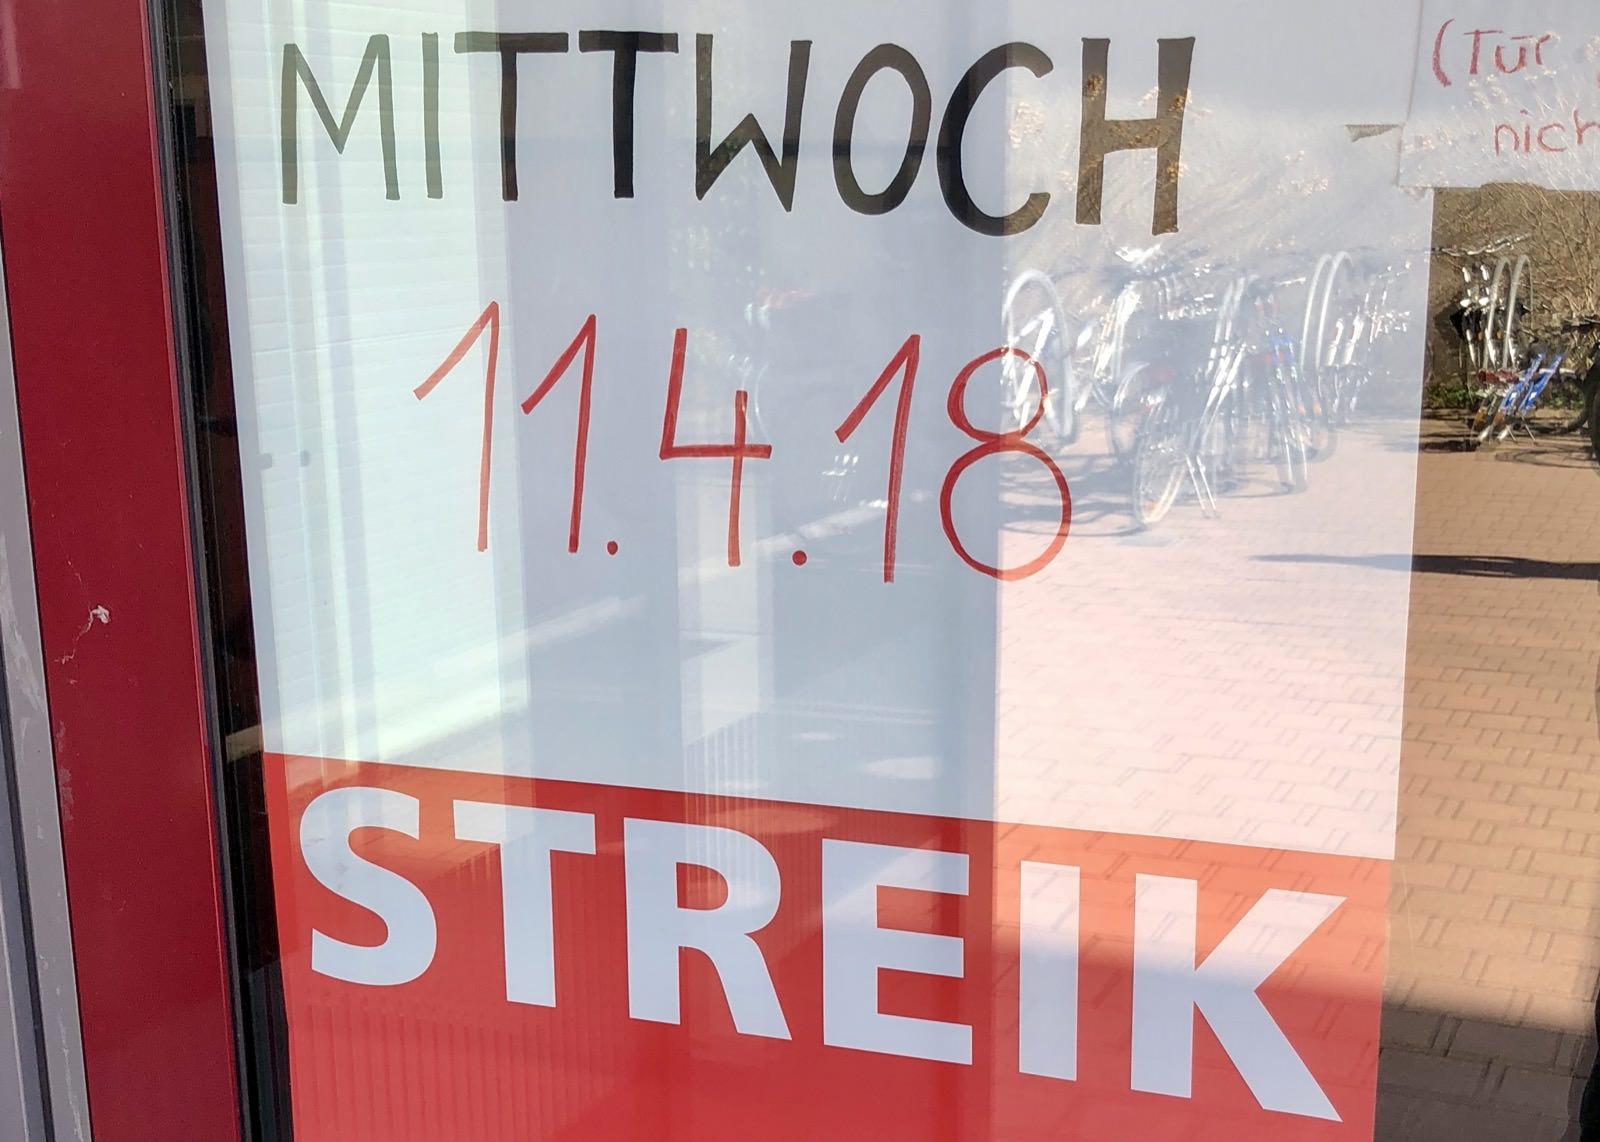 Streikankündigung an der Tür einer städtischen Einrichtung | Foto: M. Schülke